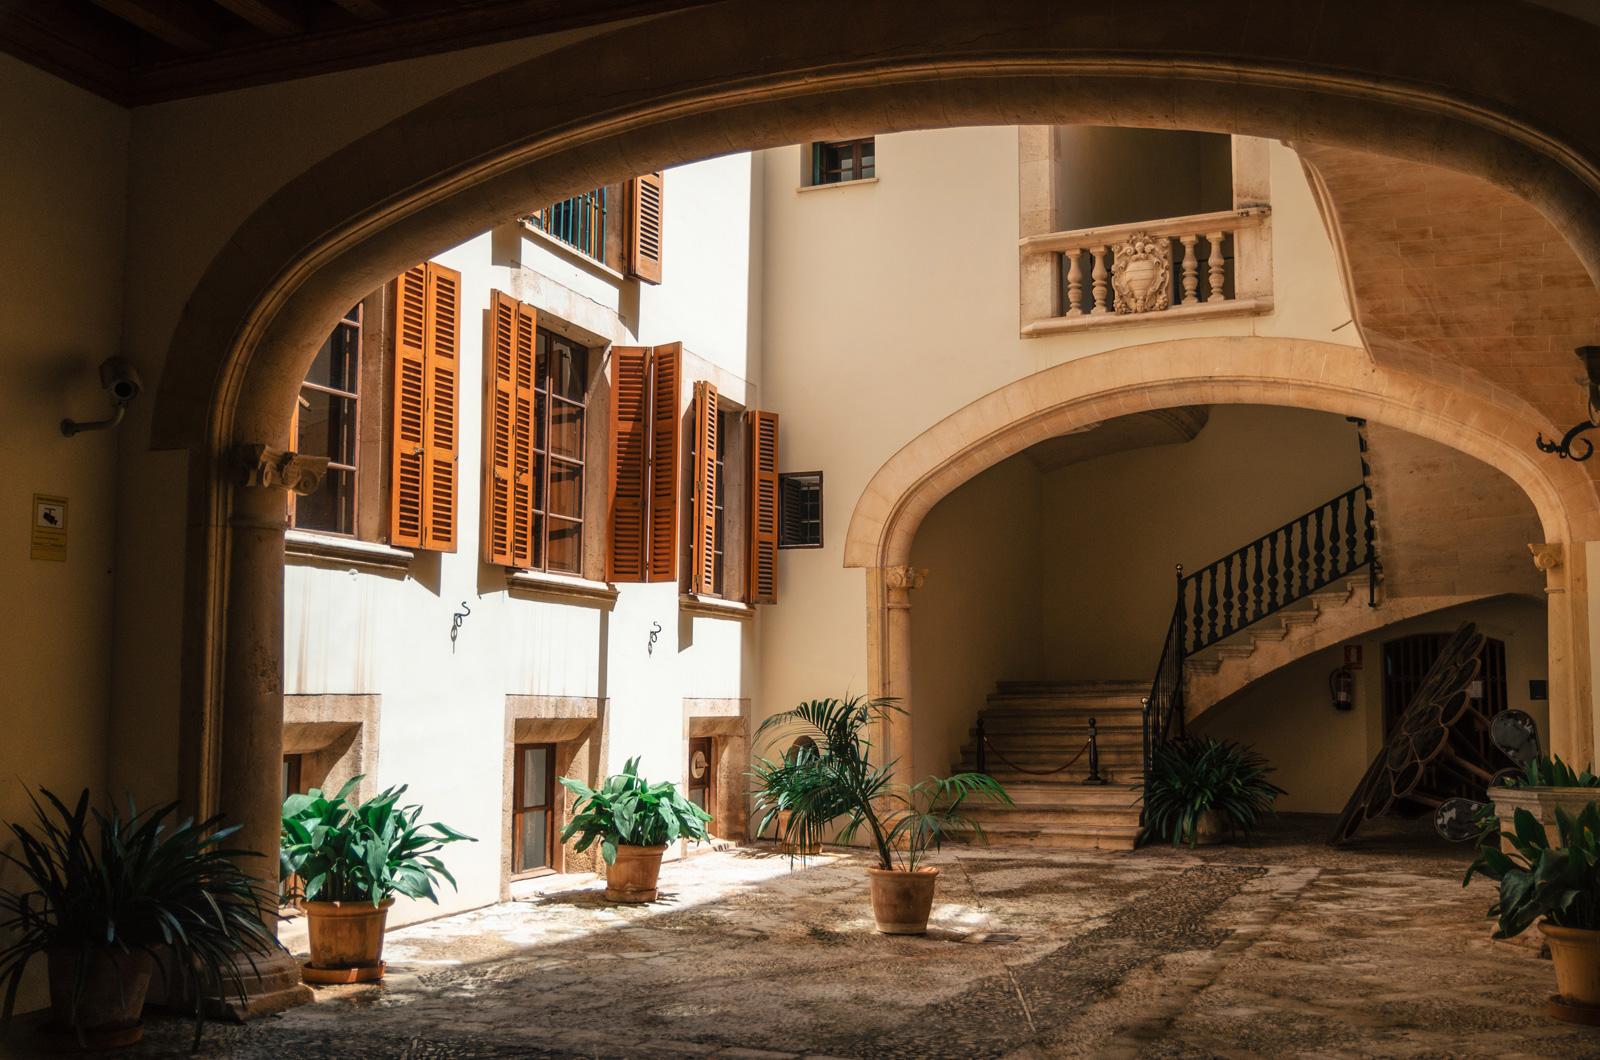 Почти во всех особняках Старого Города есть внутренние дворики с естественным освещением, Пальма де Майорка